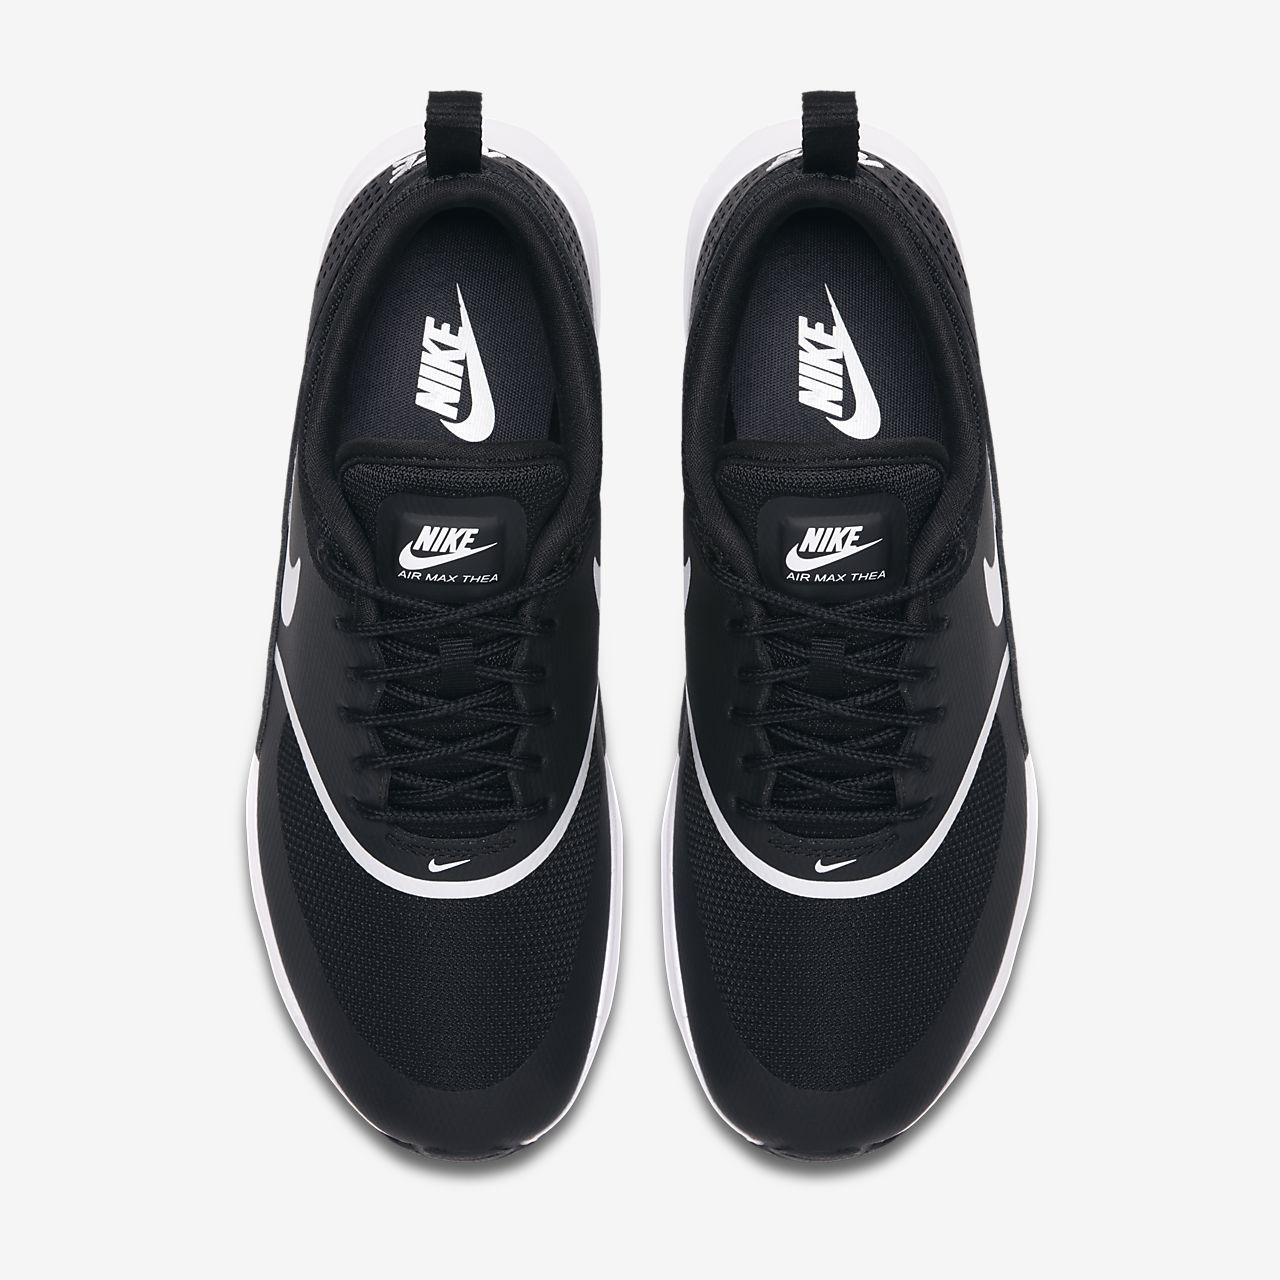 15b2ec1d6 Nike Air Max Thea Women's Shoe. Nike.com BE